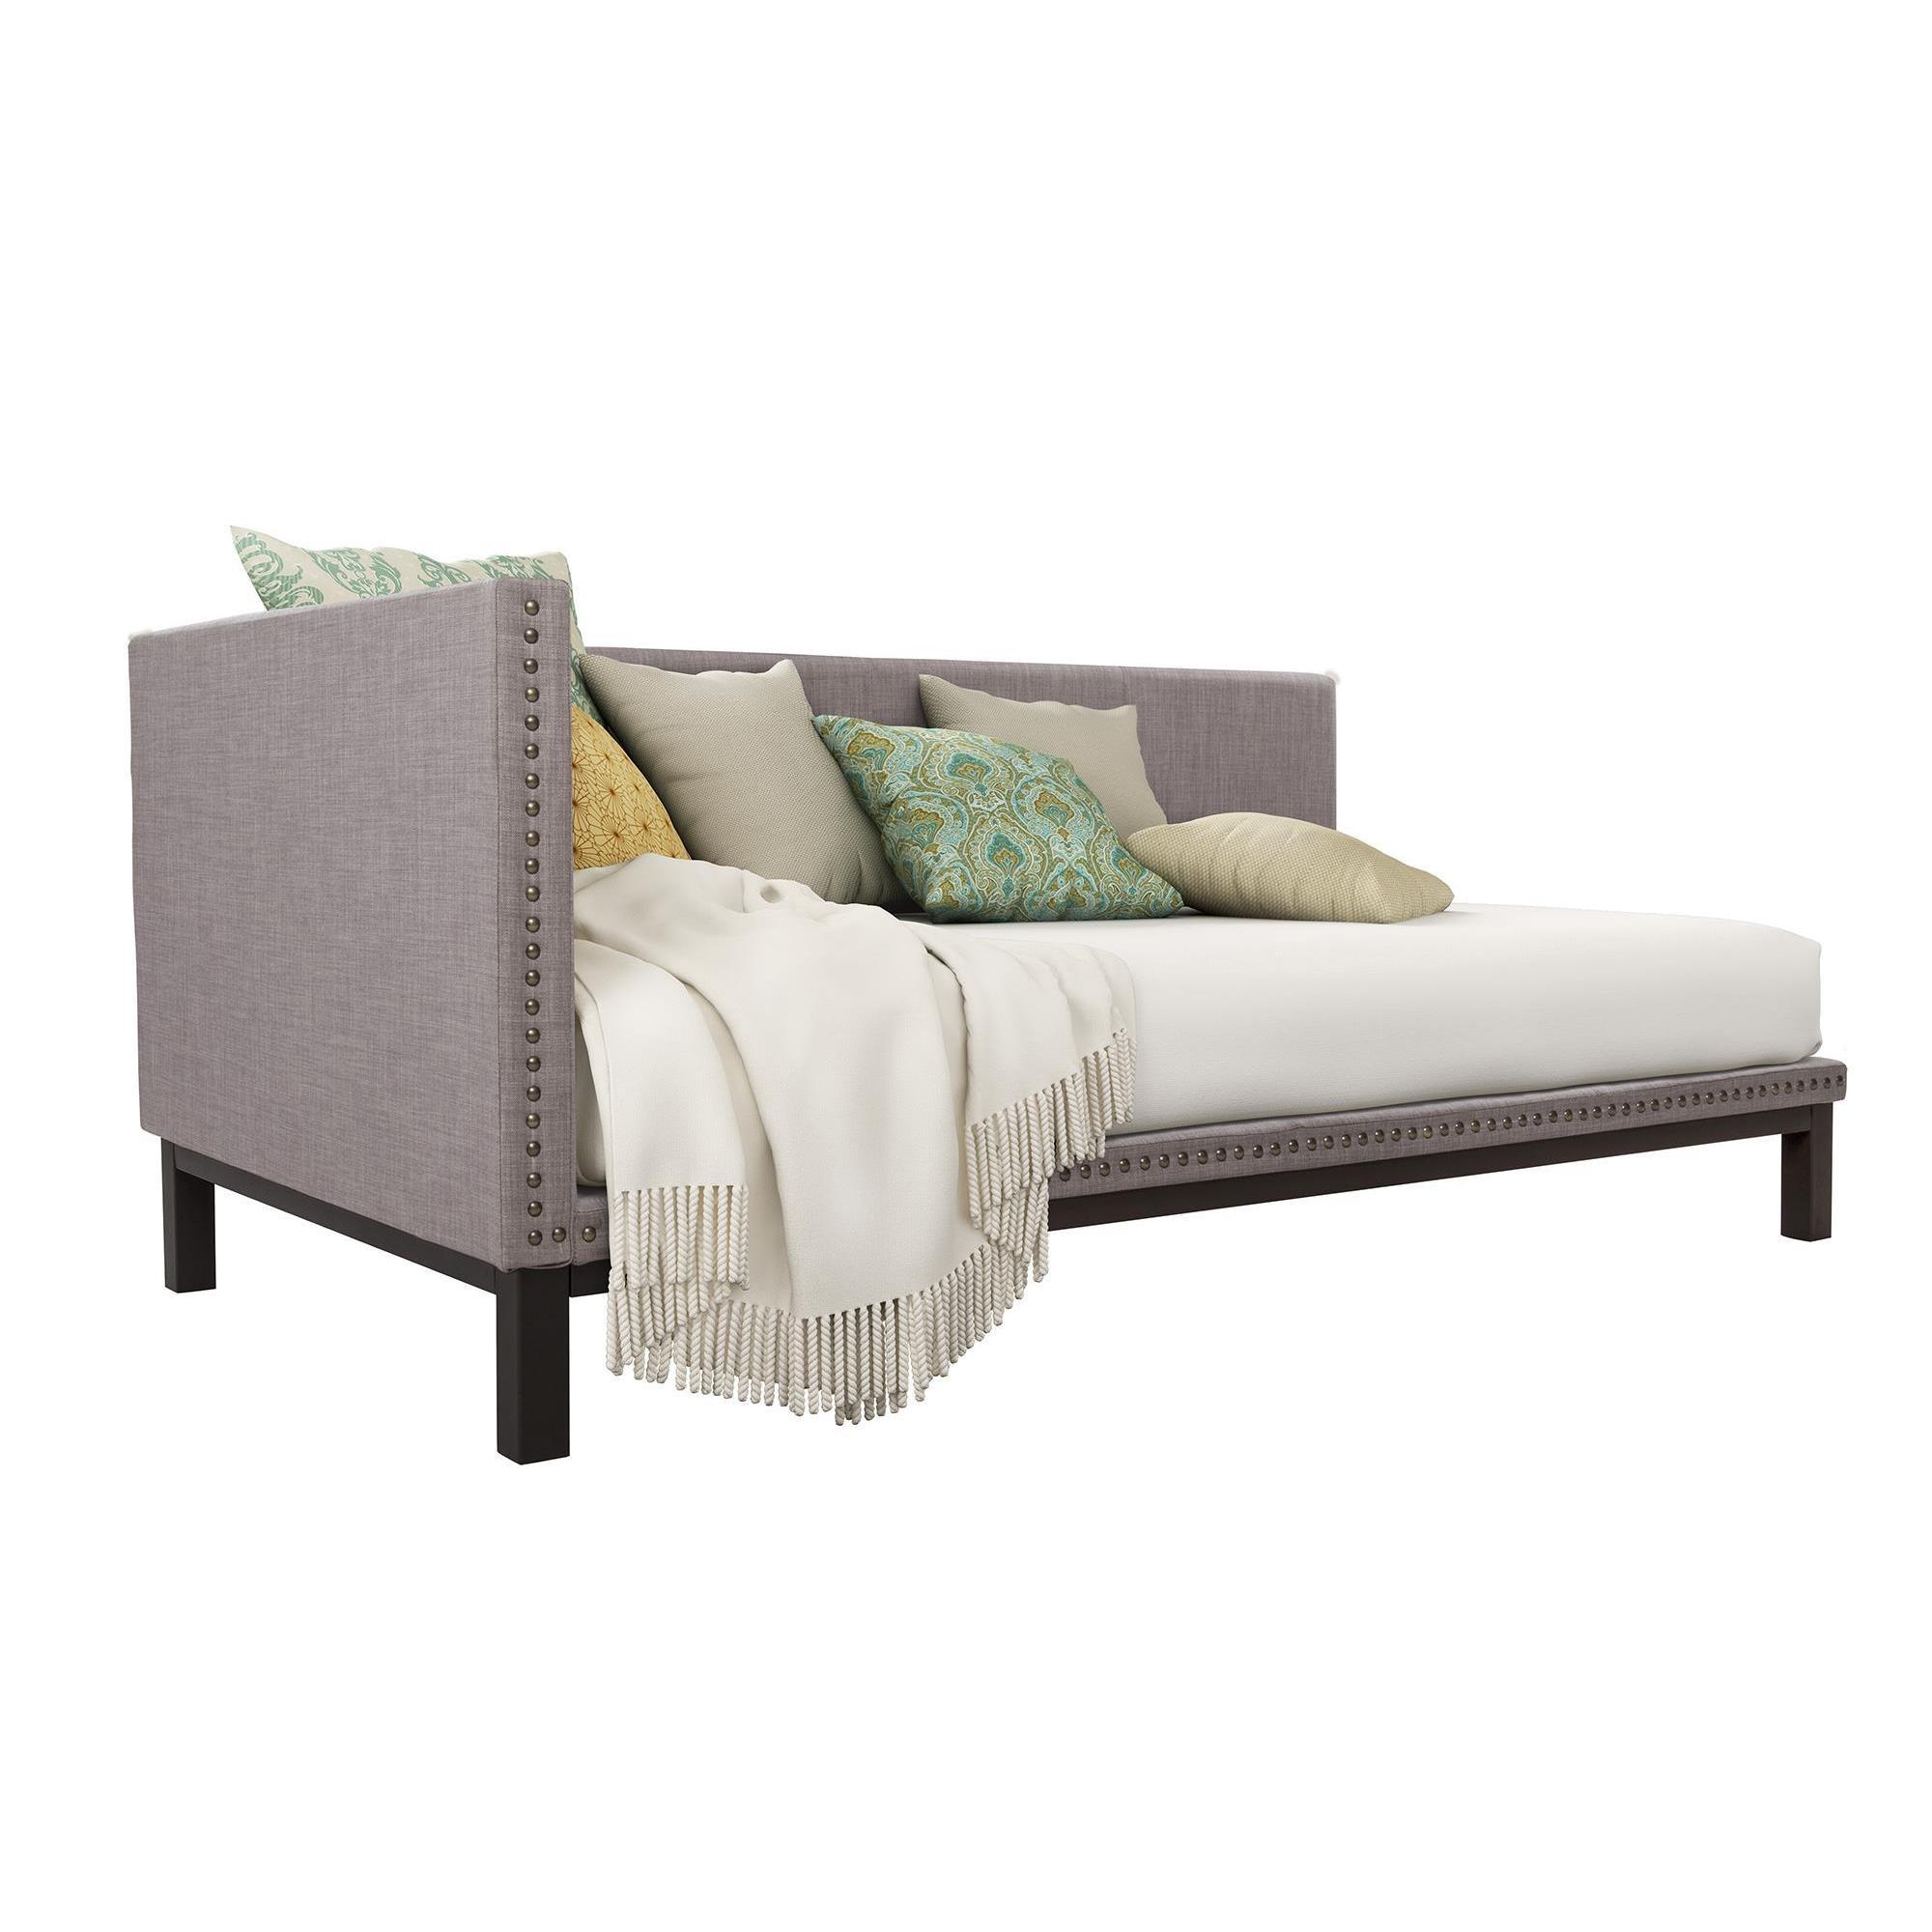 Кровать Platform bedДетские кровати и диваны<br>&amp;lt;div&amp;gt;Дизайн 50-х никогда не выйдет из моды! Эта элегантная кровать, выдержанная в эстетике середины XX века, подойдет как подростку, так и взрослому. Ассиметричный силуэт и изысканная отделка. &amp;amp;nbsp; &amp;amp;nbsp; &amp;amp;nbsp;&amp;amp;nbsp;&amp;lt;/div&amp;gt;&amp;lt;div&amp;gt;&amp;amp;nbsp; &amp;amp;nbsp; &amp;amp;nbsp; &amp;amp;nbsp; &amp;amp;nbsp; &amp;amp;nbsp; &amp;amp;nbsp; &amp;amp;nbsp; &amp;amp;nbsp;&amp;lt;/div&amp;gt;&amp;lt;div&amp;gt;&amp;lt;span style=&amp;quot;font-size: 14px;&amp;quot;&amp;gt;Материалы: бук, текстиль.&amp;lt;/span&amp;gt;&amp;lt;br&amp;gt;&amp;lt;/div&amp;gt;&amp;lt;div&amp;gt;Варианты исполнения: более 200 цветов ткани высокой категории (включено в стоимость), ткань заказчика.&amp;amp;nbsp;&amp;lt;span style=&amp;quot;font-size: 14px;&amp;quot;&amp;gt;Гарантия: от производителя 1 год.&amp;lt;/span&amp;gt;&amp;lt;/div&amp;gt;&amp;lt;div&amp;gt;&amp;lt;br&amp;gt;&amp;lt;/div&amp;gt;&amp;lt;div&amp;gt;Размер спального места: 90*180 см.&amp;lt;/div&amp;gt;<br><br>Material: Текстиль<br>Length см: 196<br>Width см: None<br>Depth см: 100<br>Height см: 80